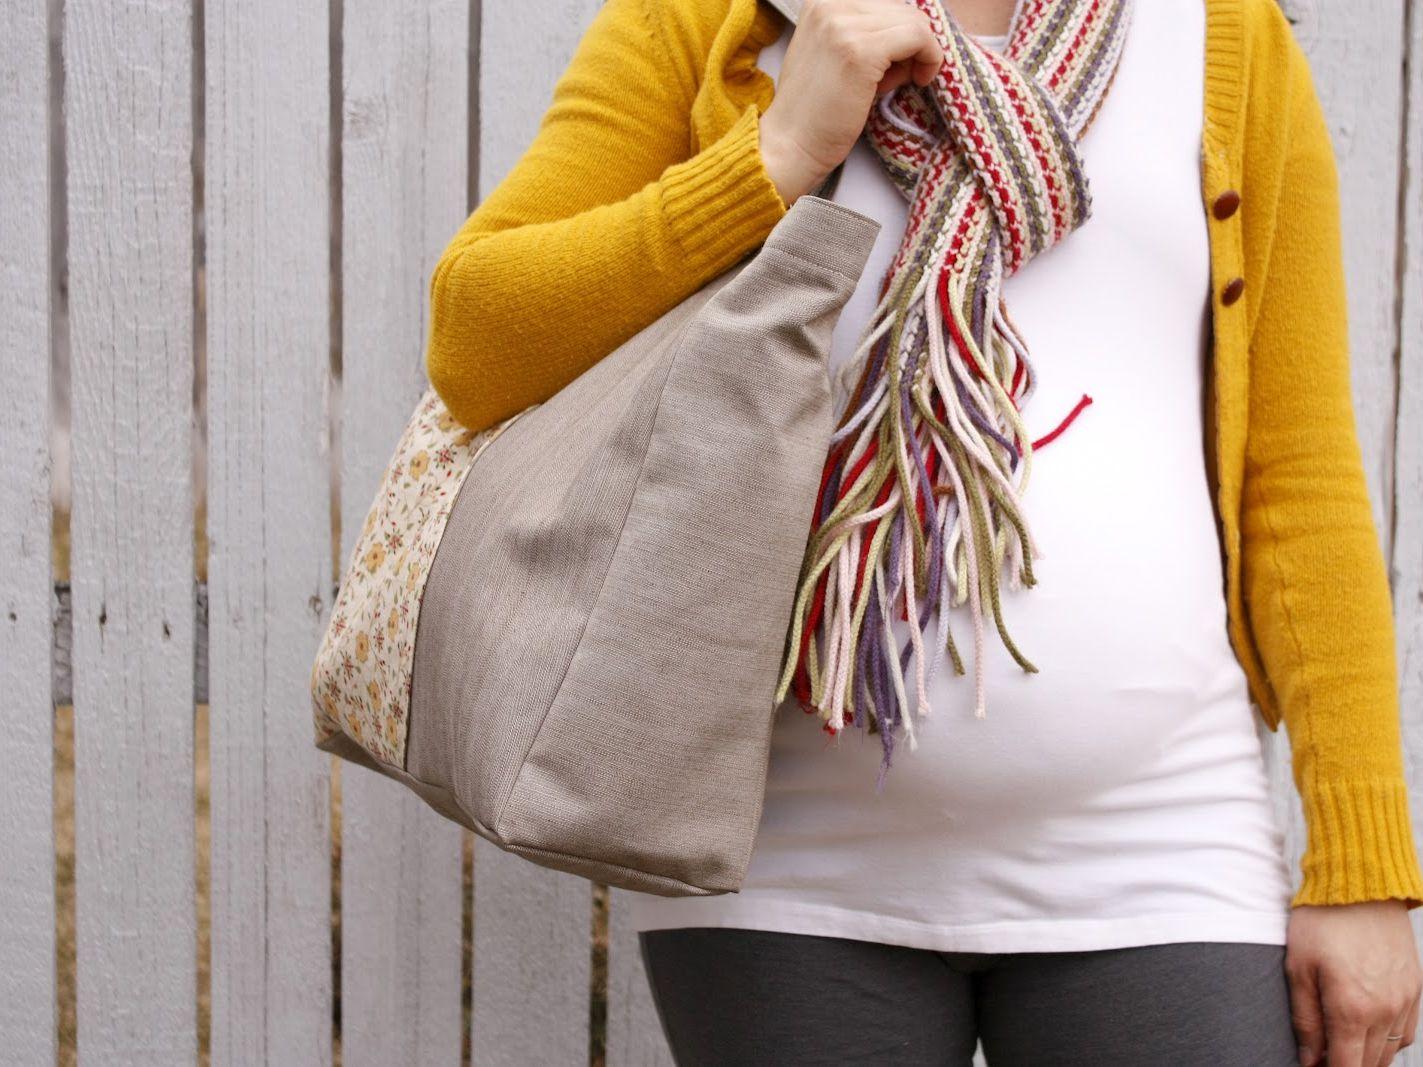 10 Free Tote Bag Sewing Patterns